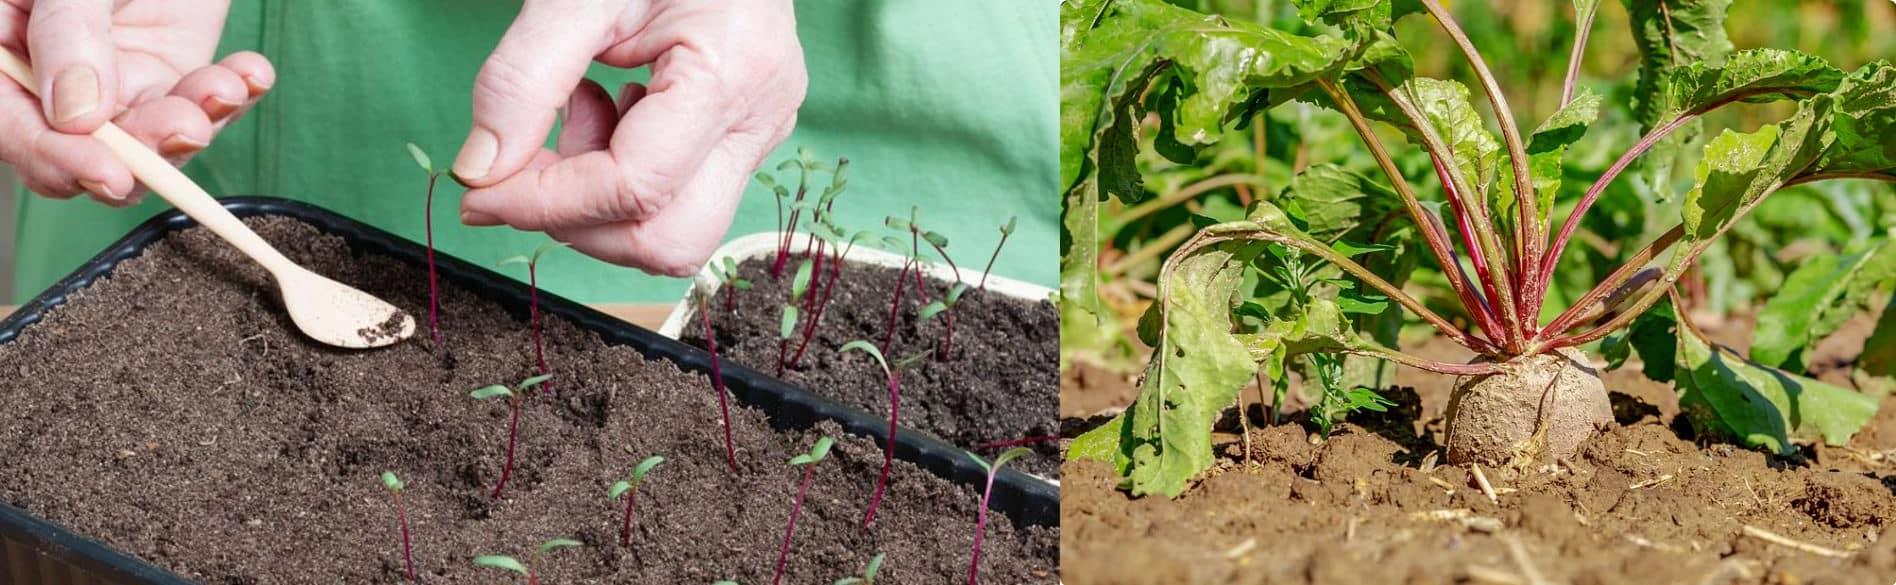 Збільшуємо солодкість буряка! Секрети вирощування у відкритому ґрунті